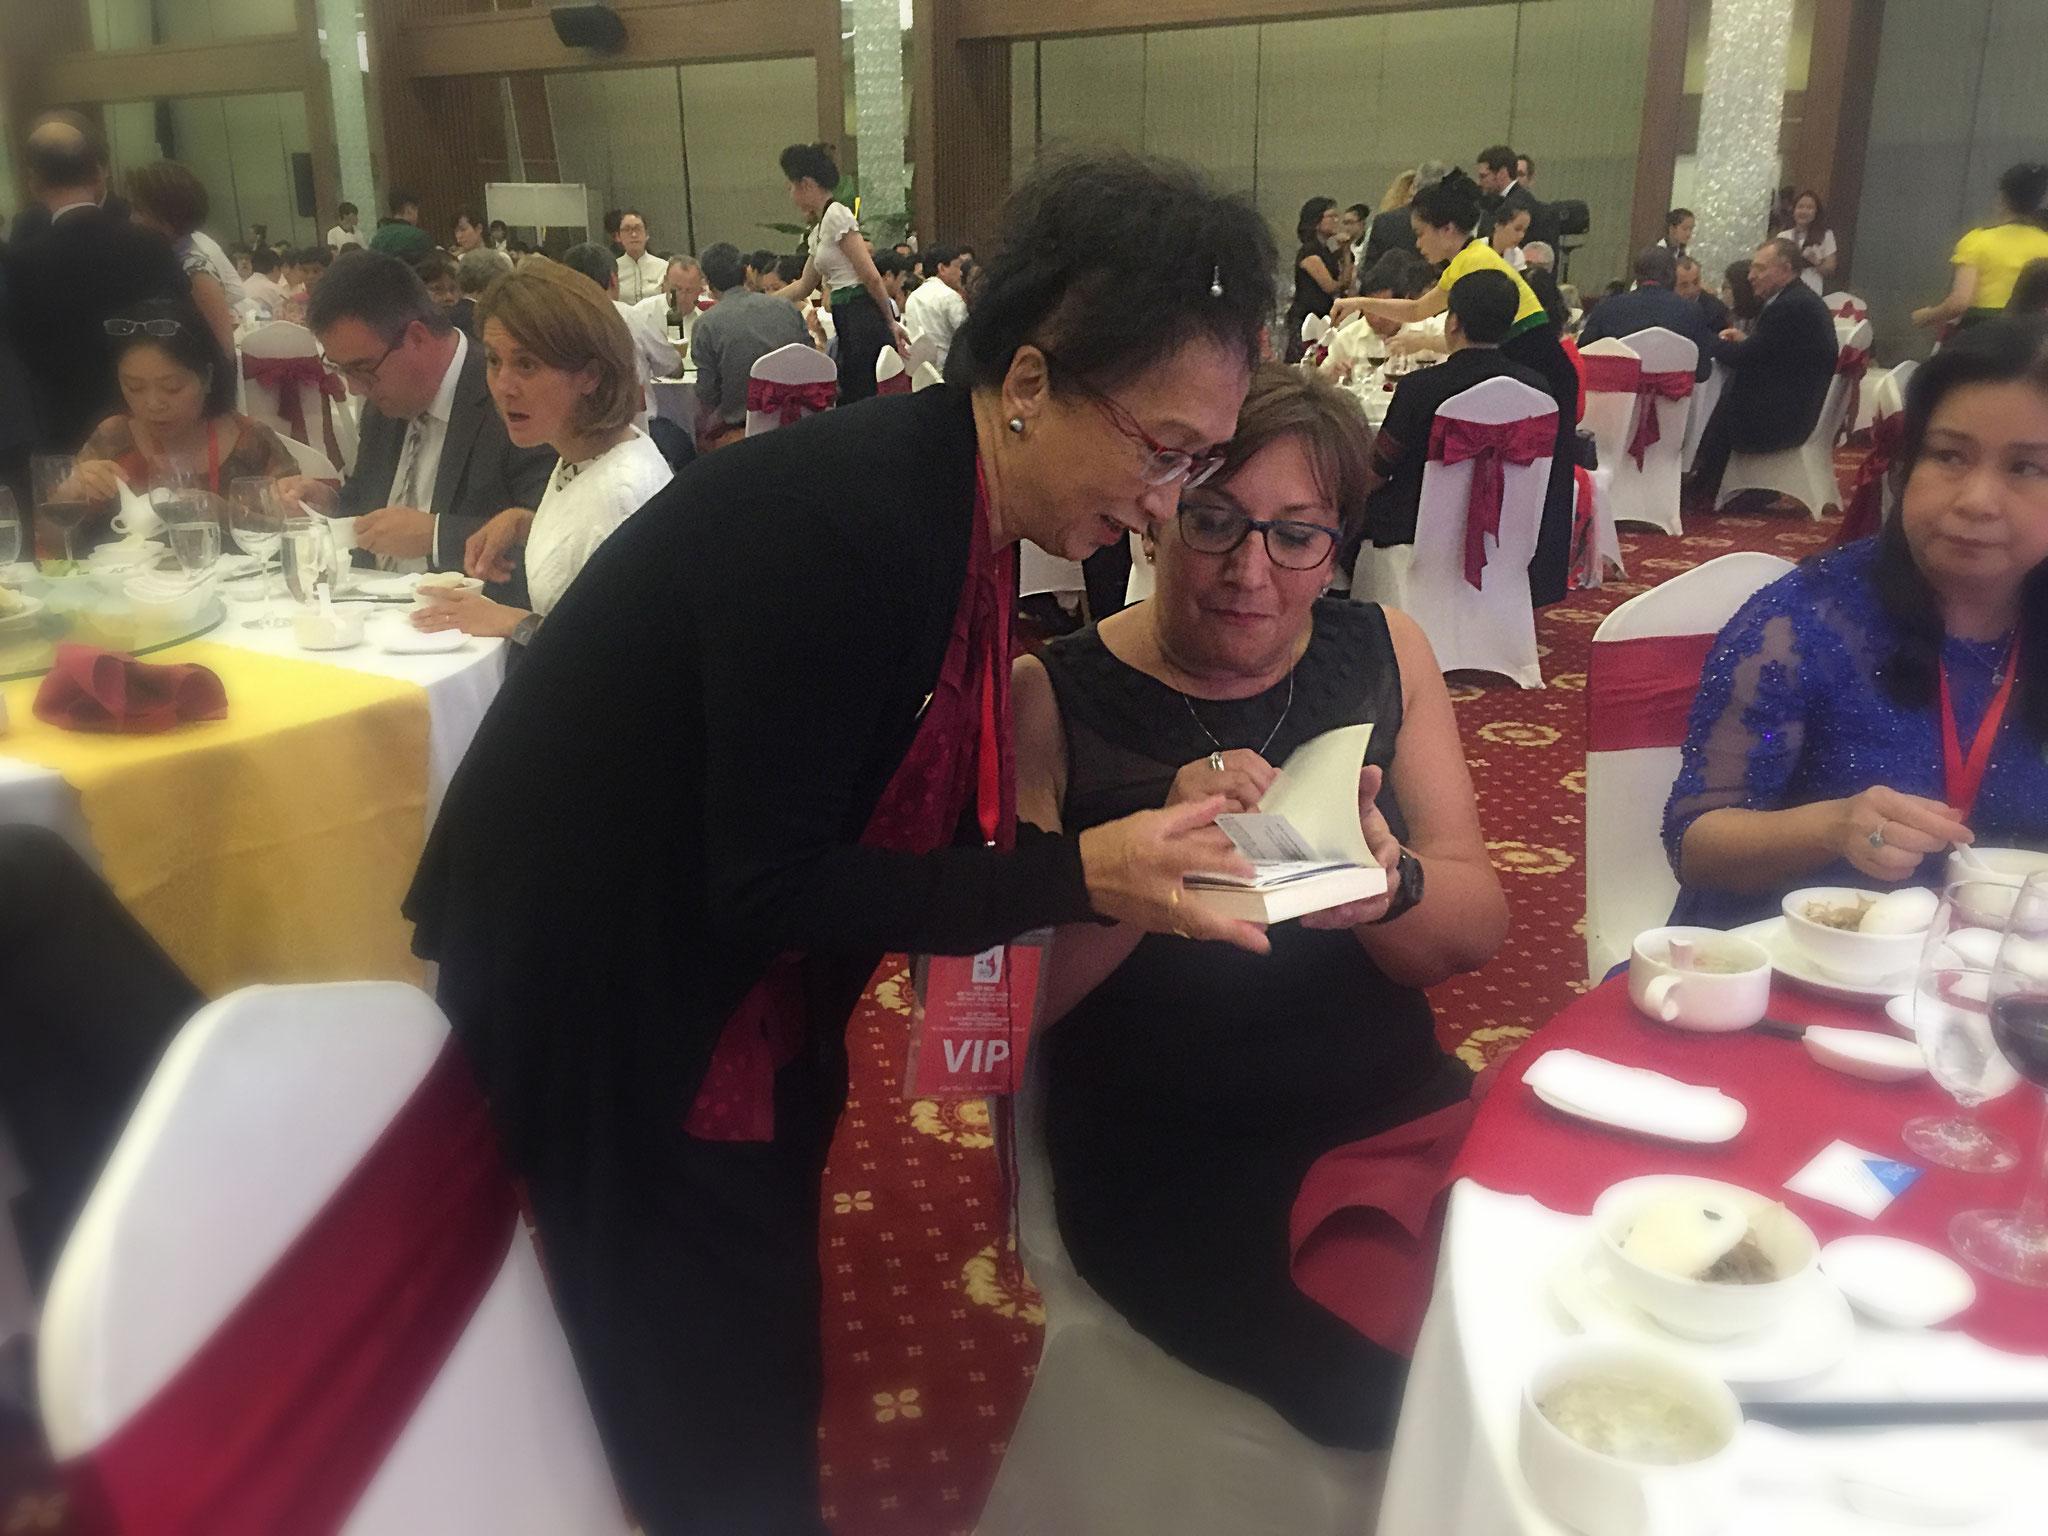 Mme Pinville, Secrétaire d'État auprès du ministre de l'Économie et des Finances,  est ravie du cadeau offert par Anna  : le livre de Mohed Altrad